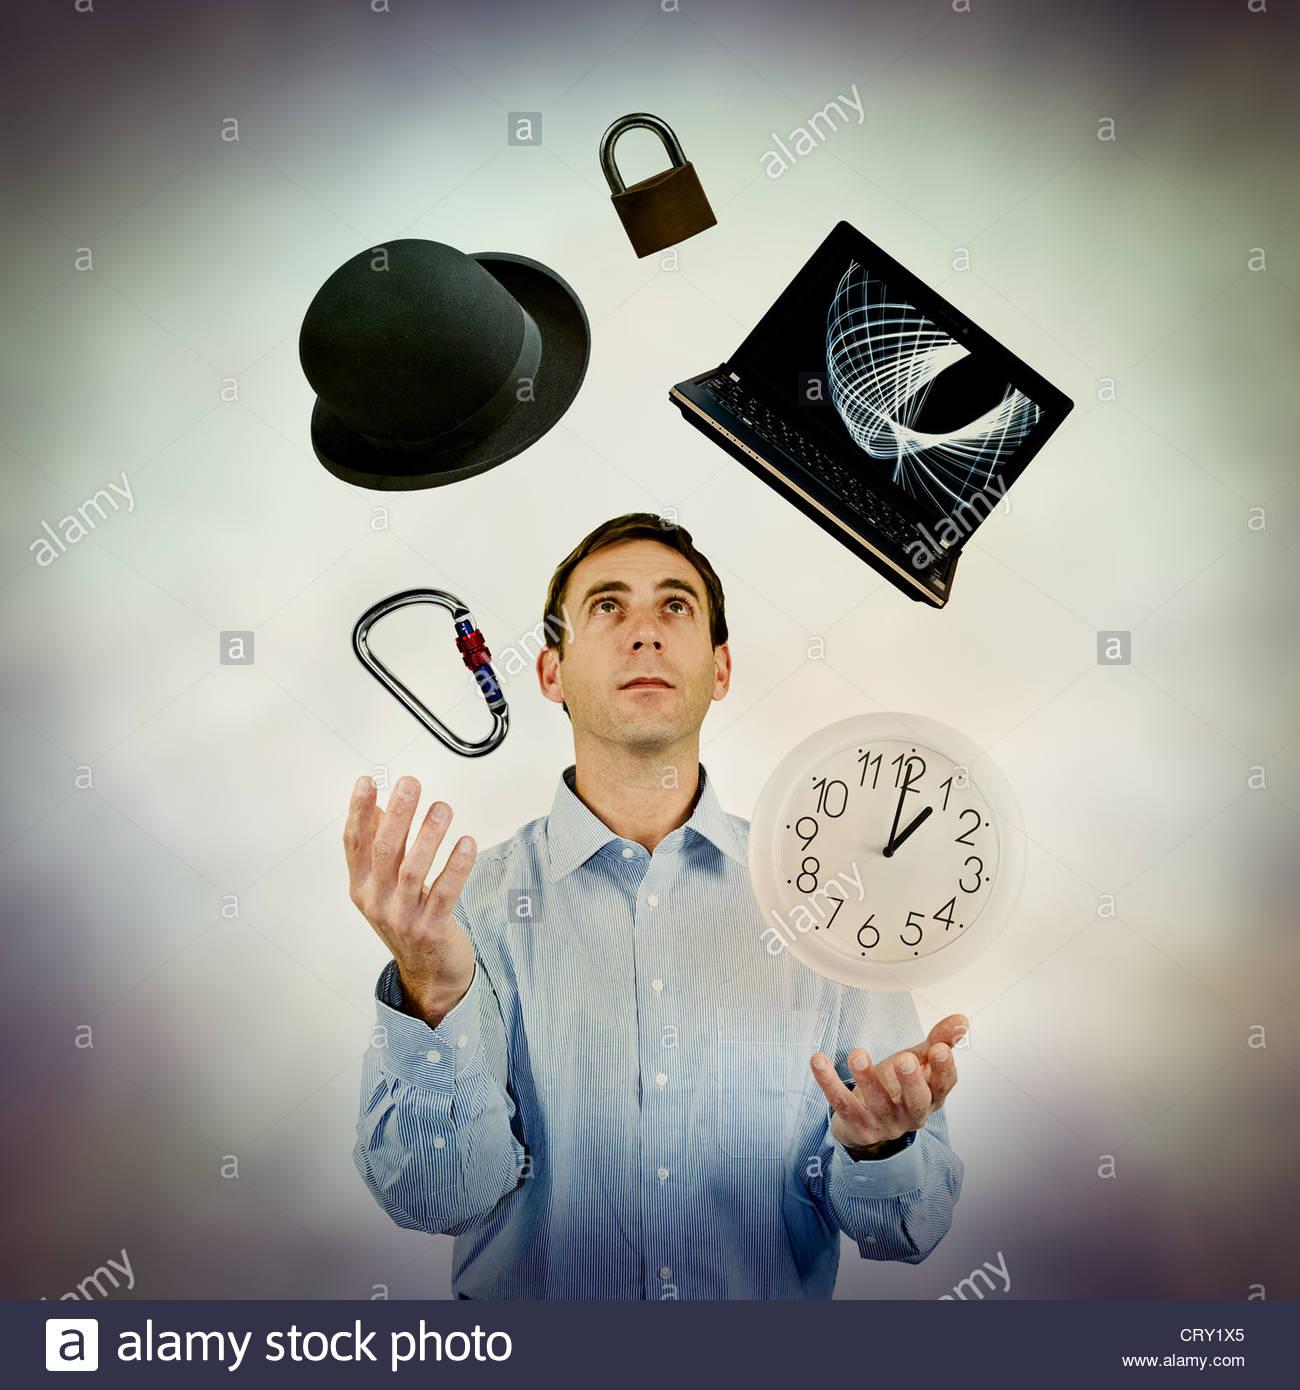 juggling work - Stock Image